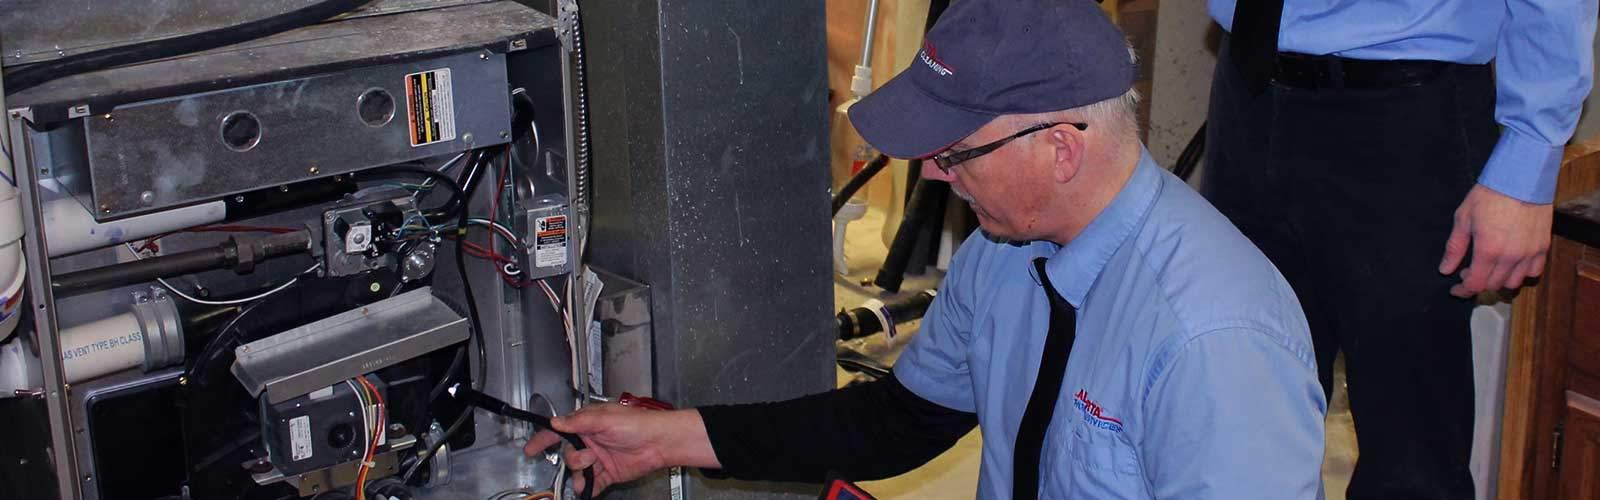 Furnace Repair Techncian